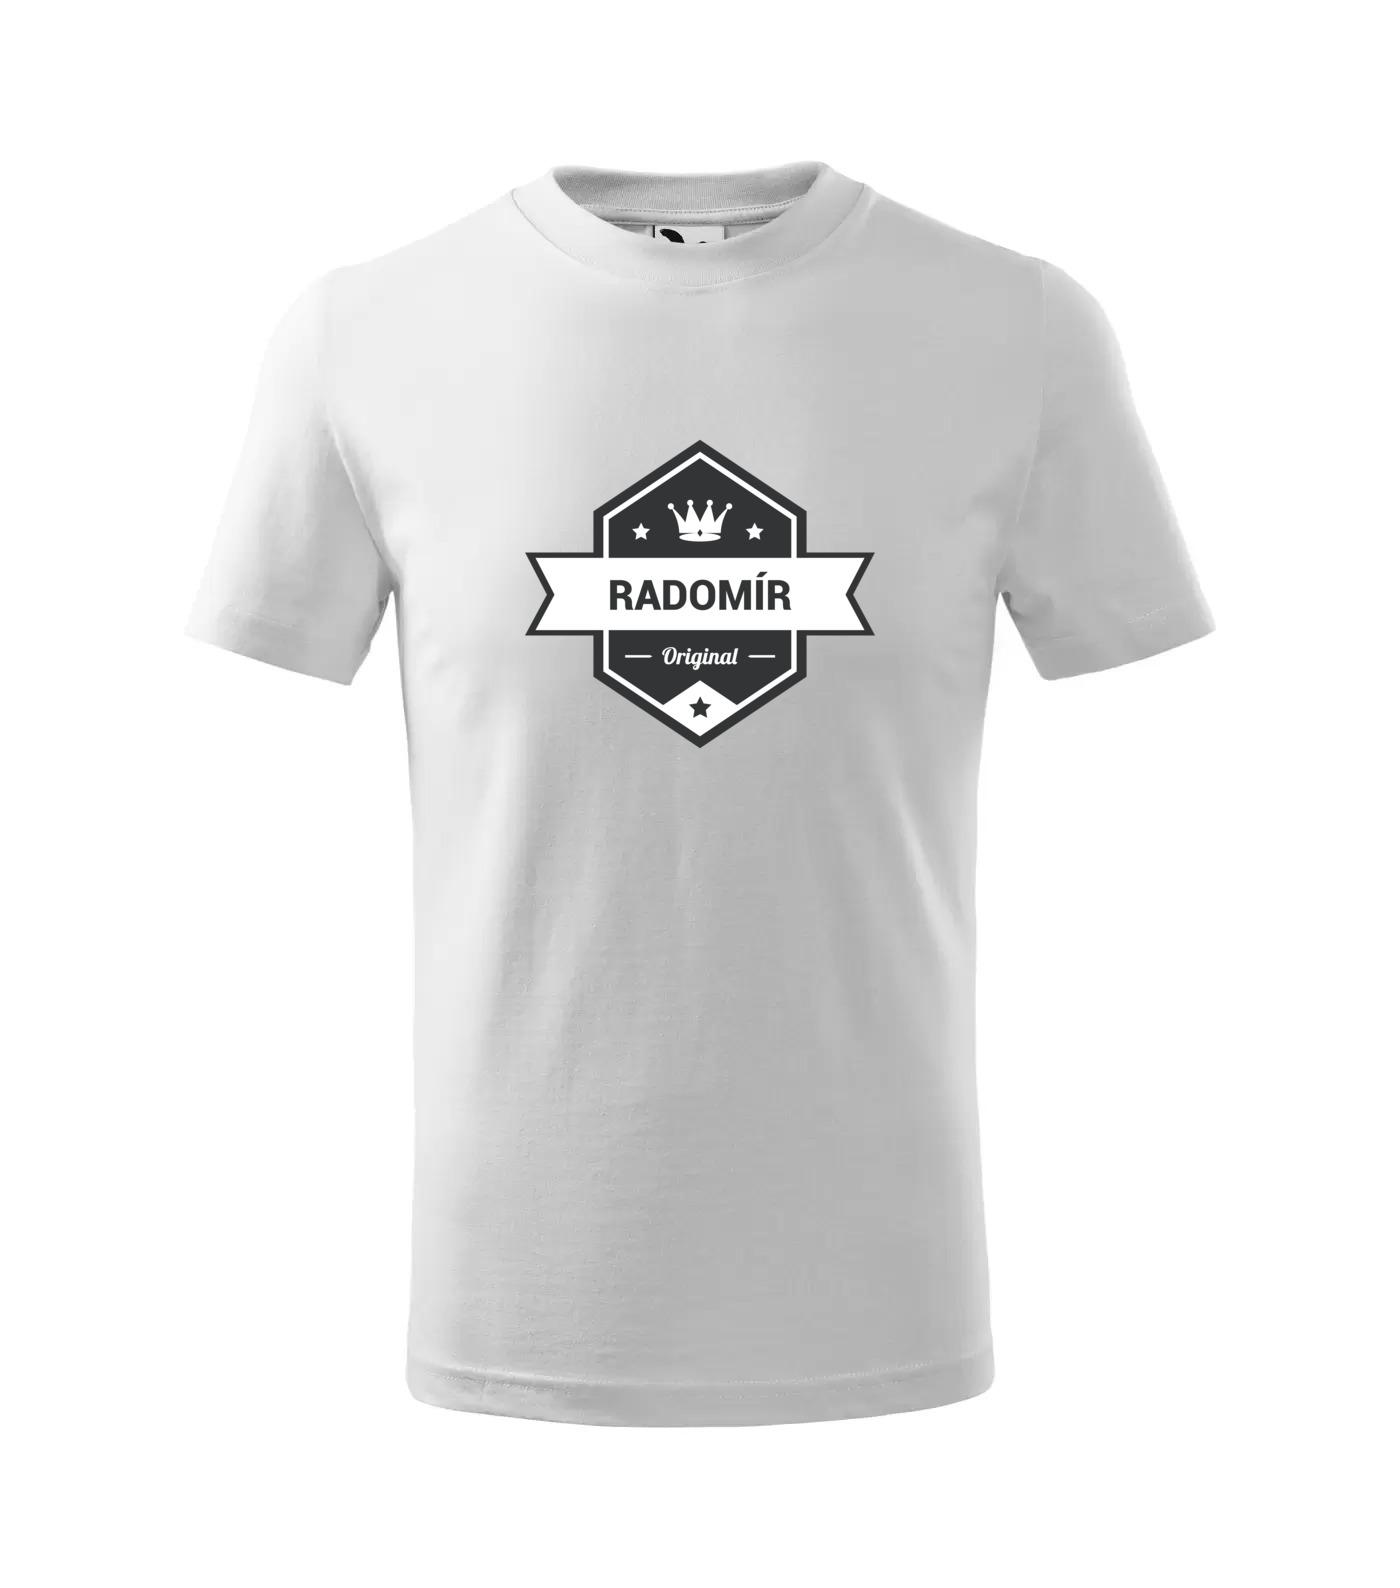 Tričko King Radomír